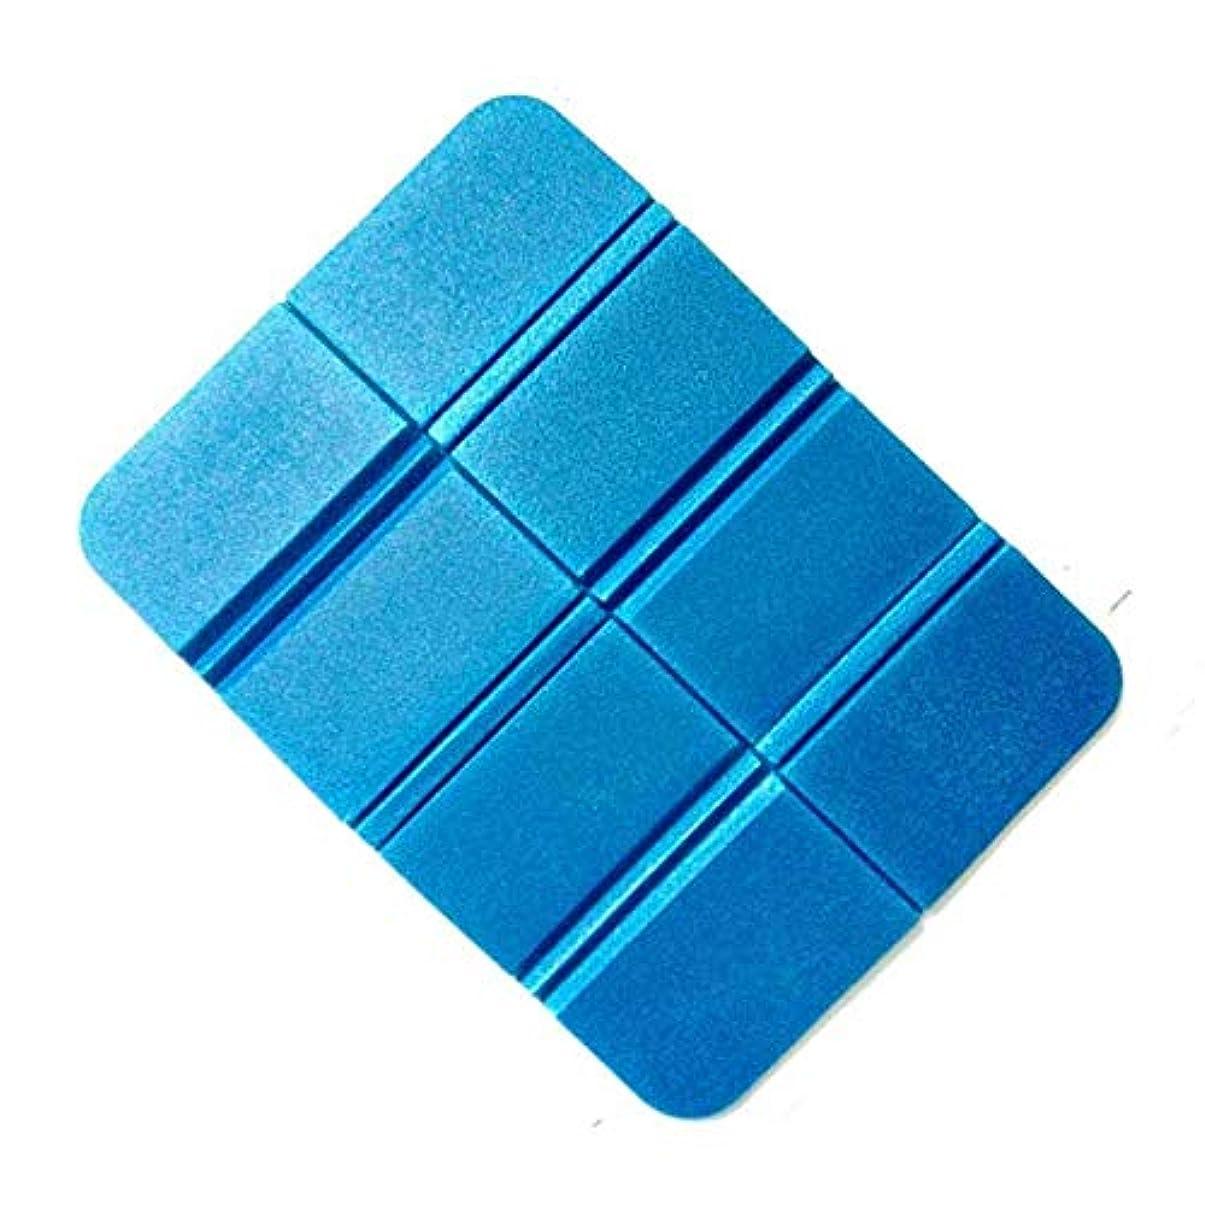 バンドル本吸うAmyou 8倍のポケットサイズのピクニック折りたたみシートクッションフォーマットマットモイスチャーショープービーチェアパッド